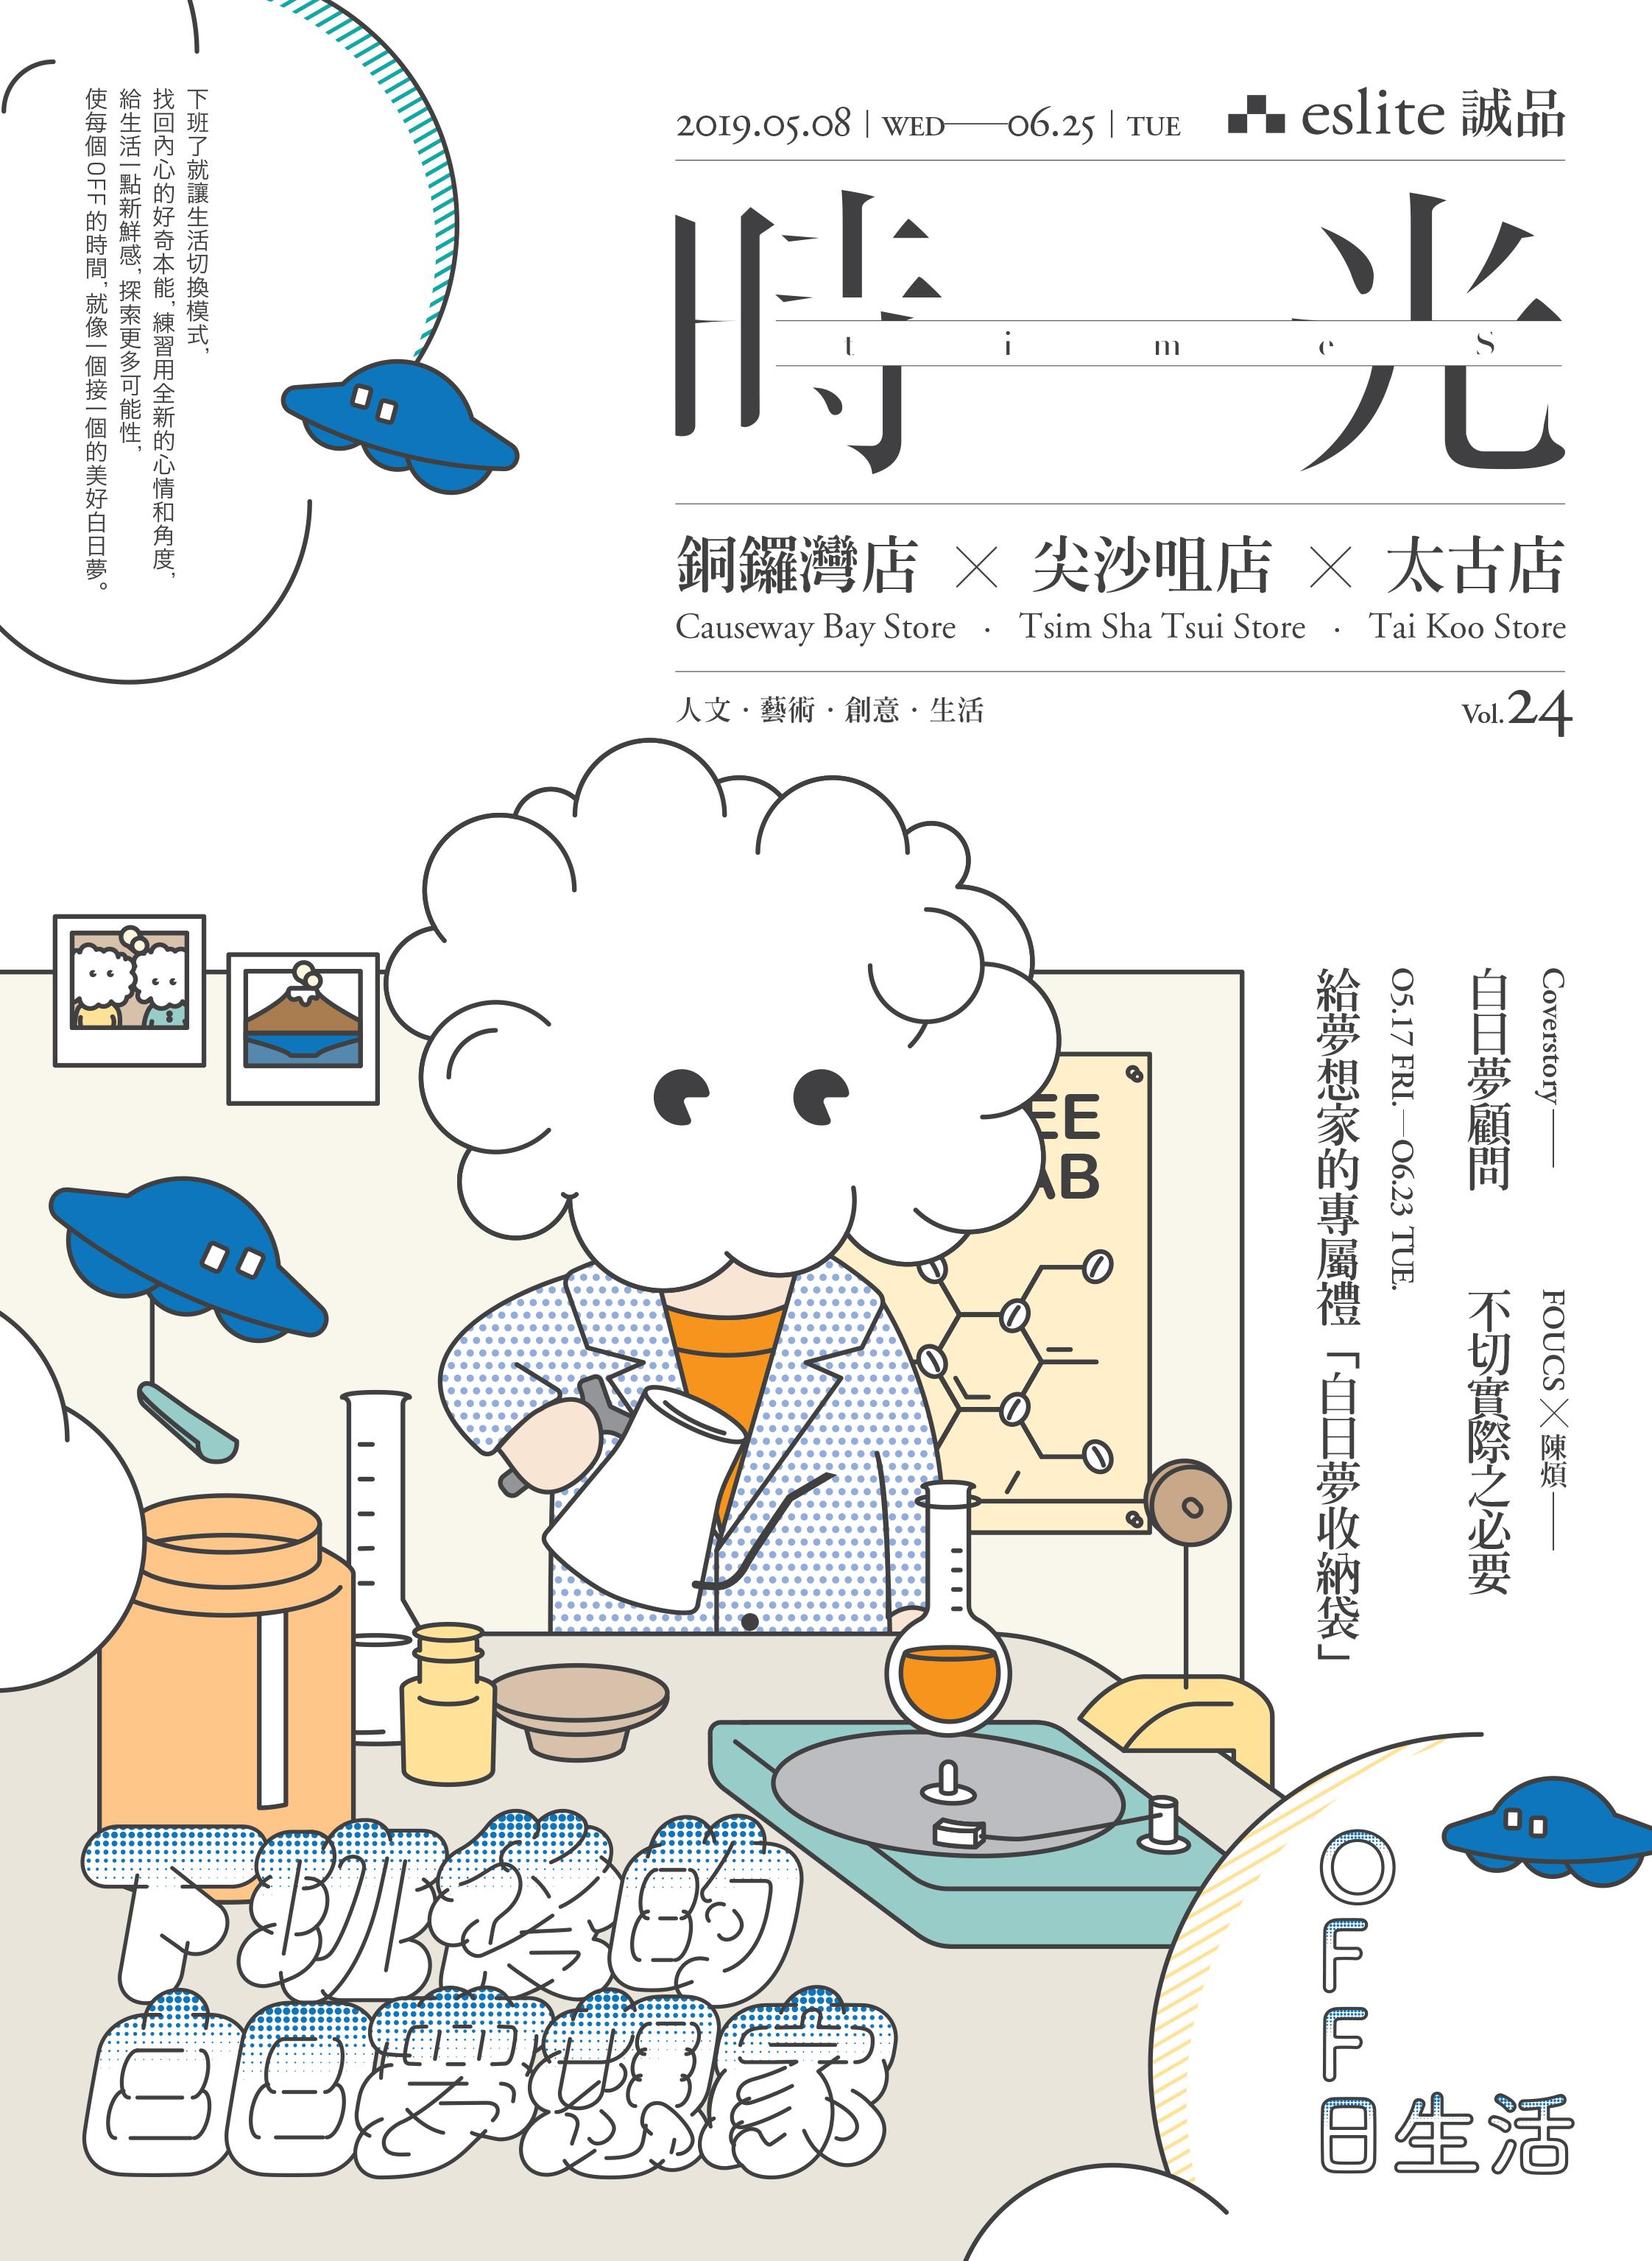 FOV_2_Media_時光_201905_final_20190508103422-1.jpg